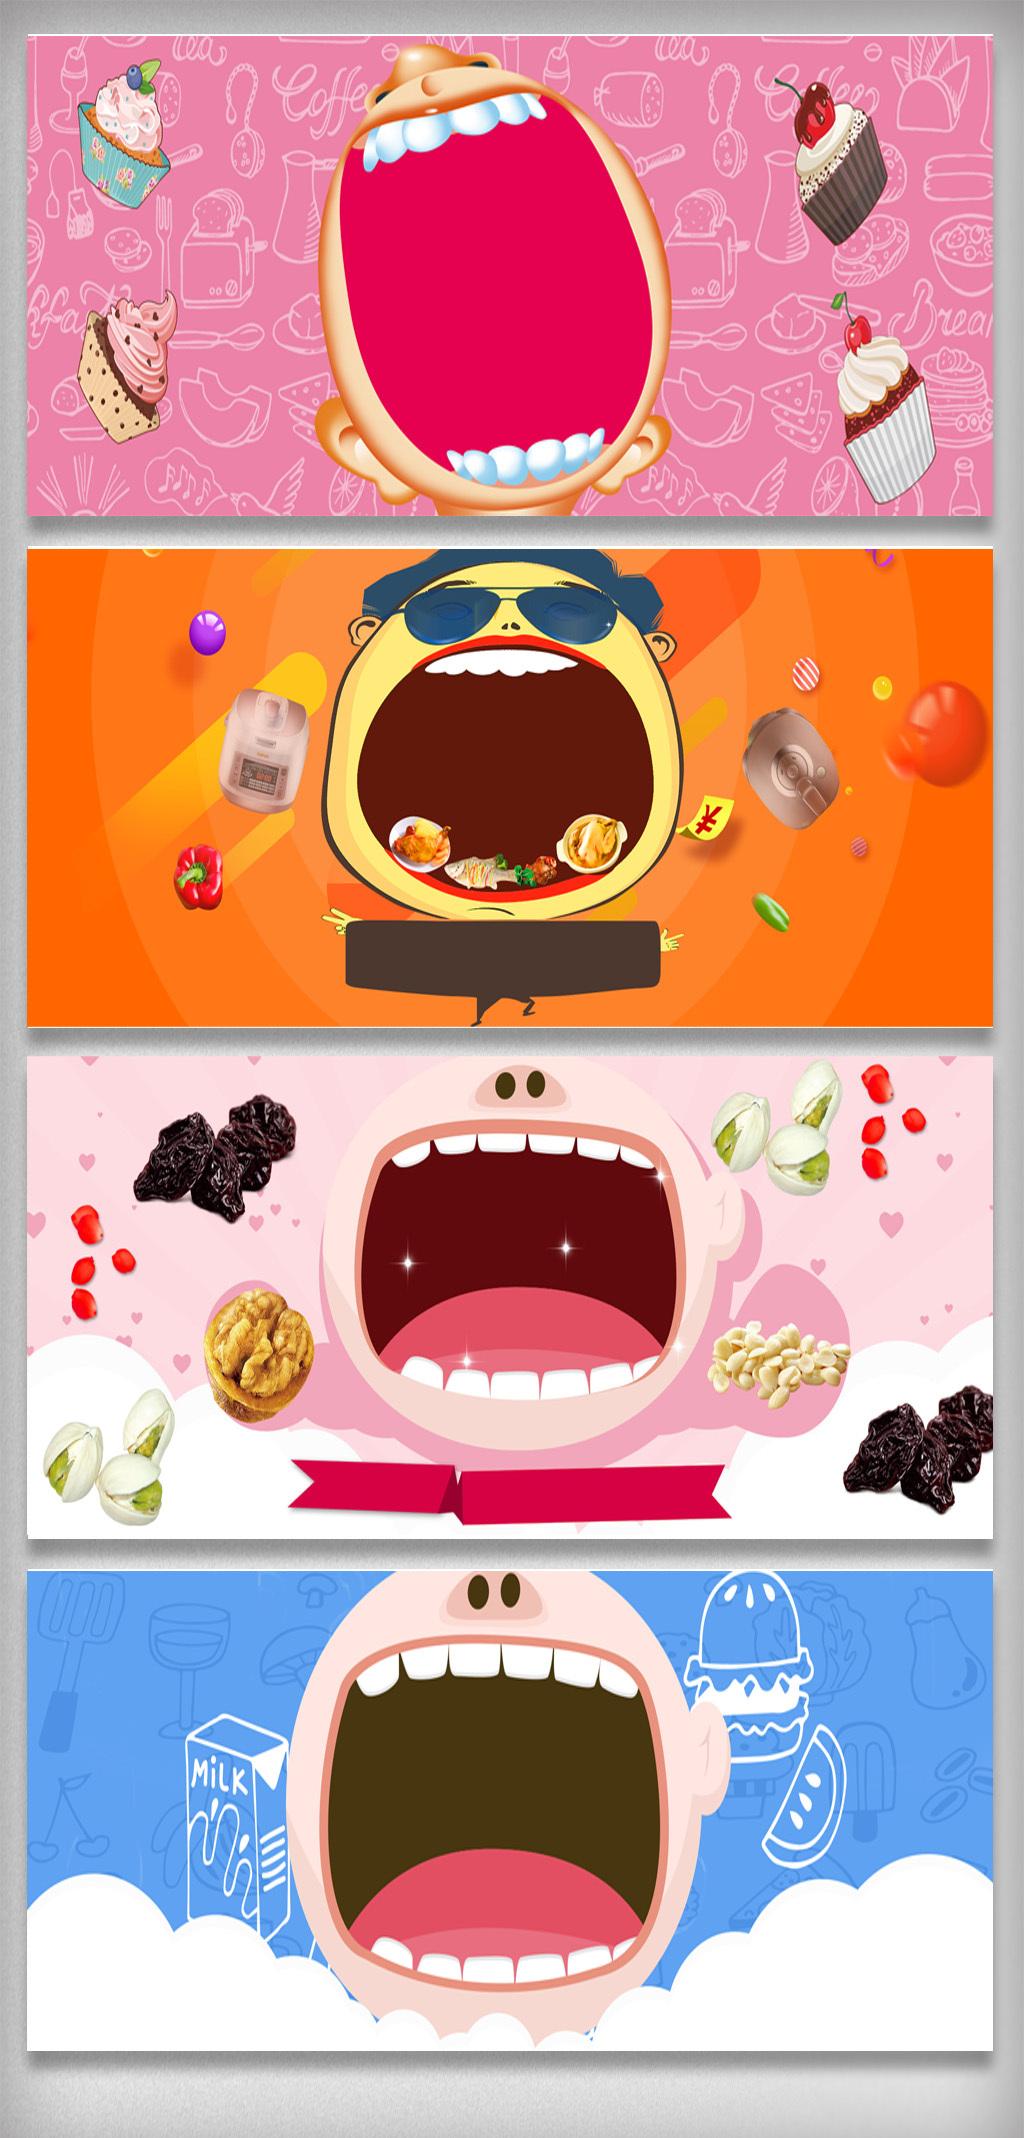 彩色大嘴巴手绘卡通吃货节海报背景元素